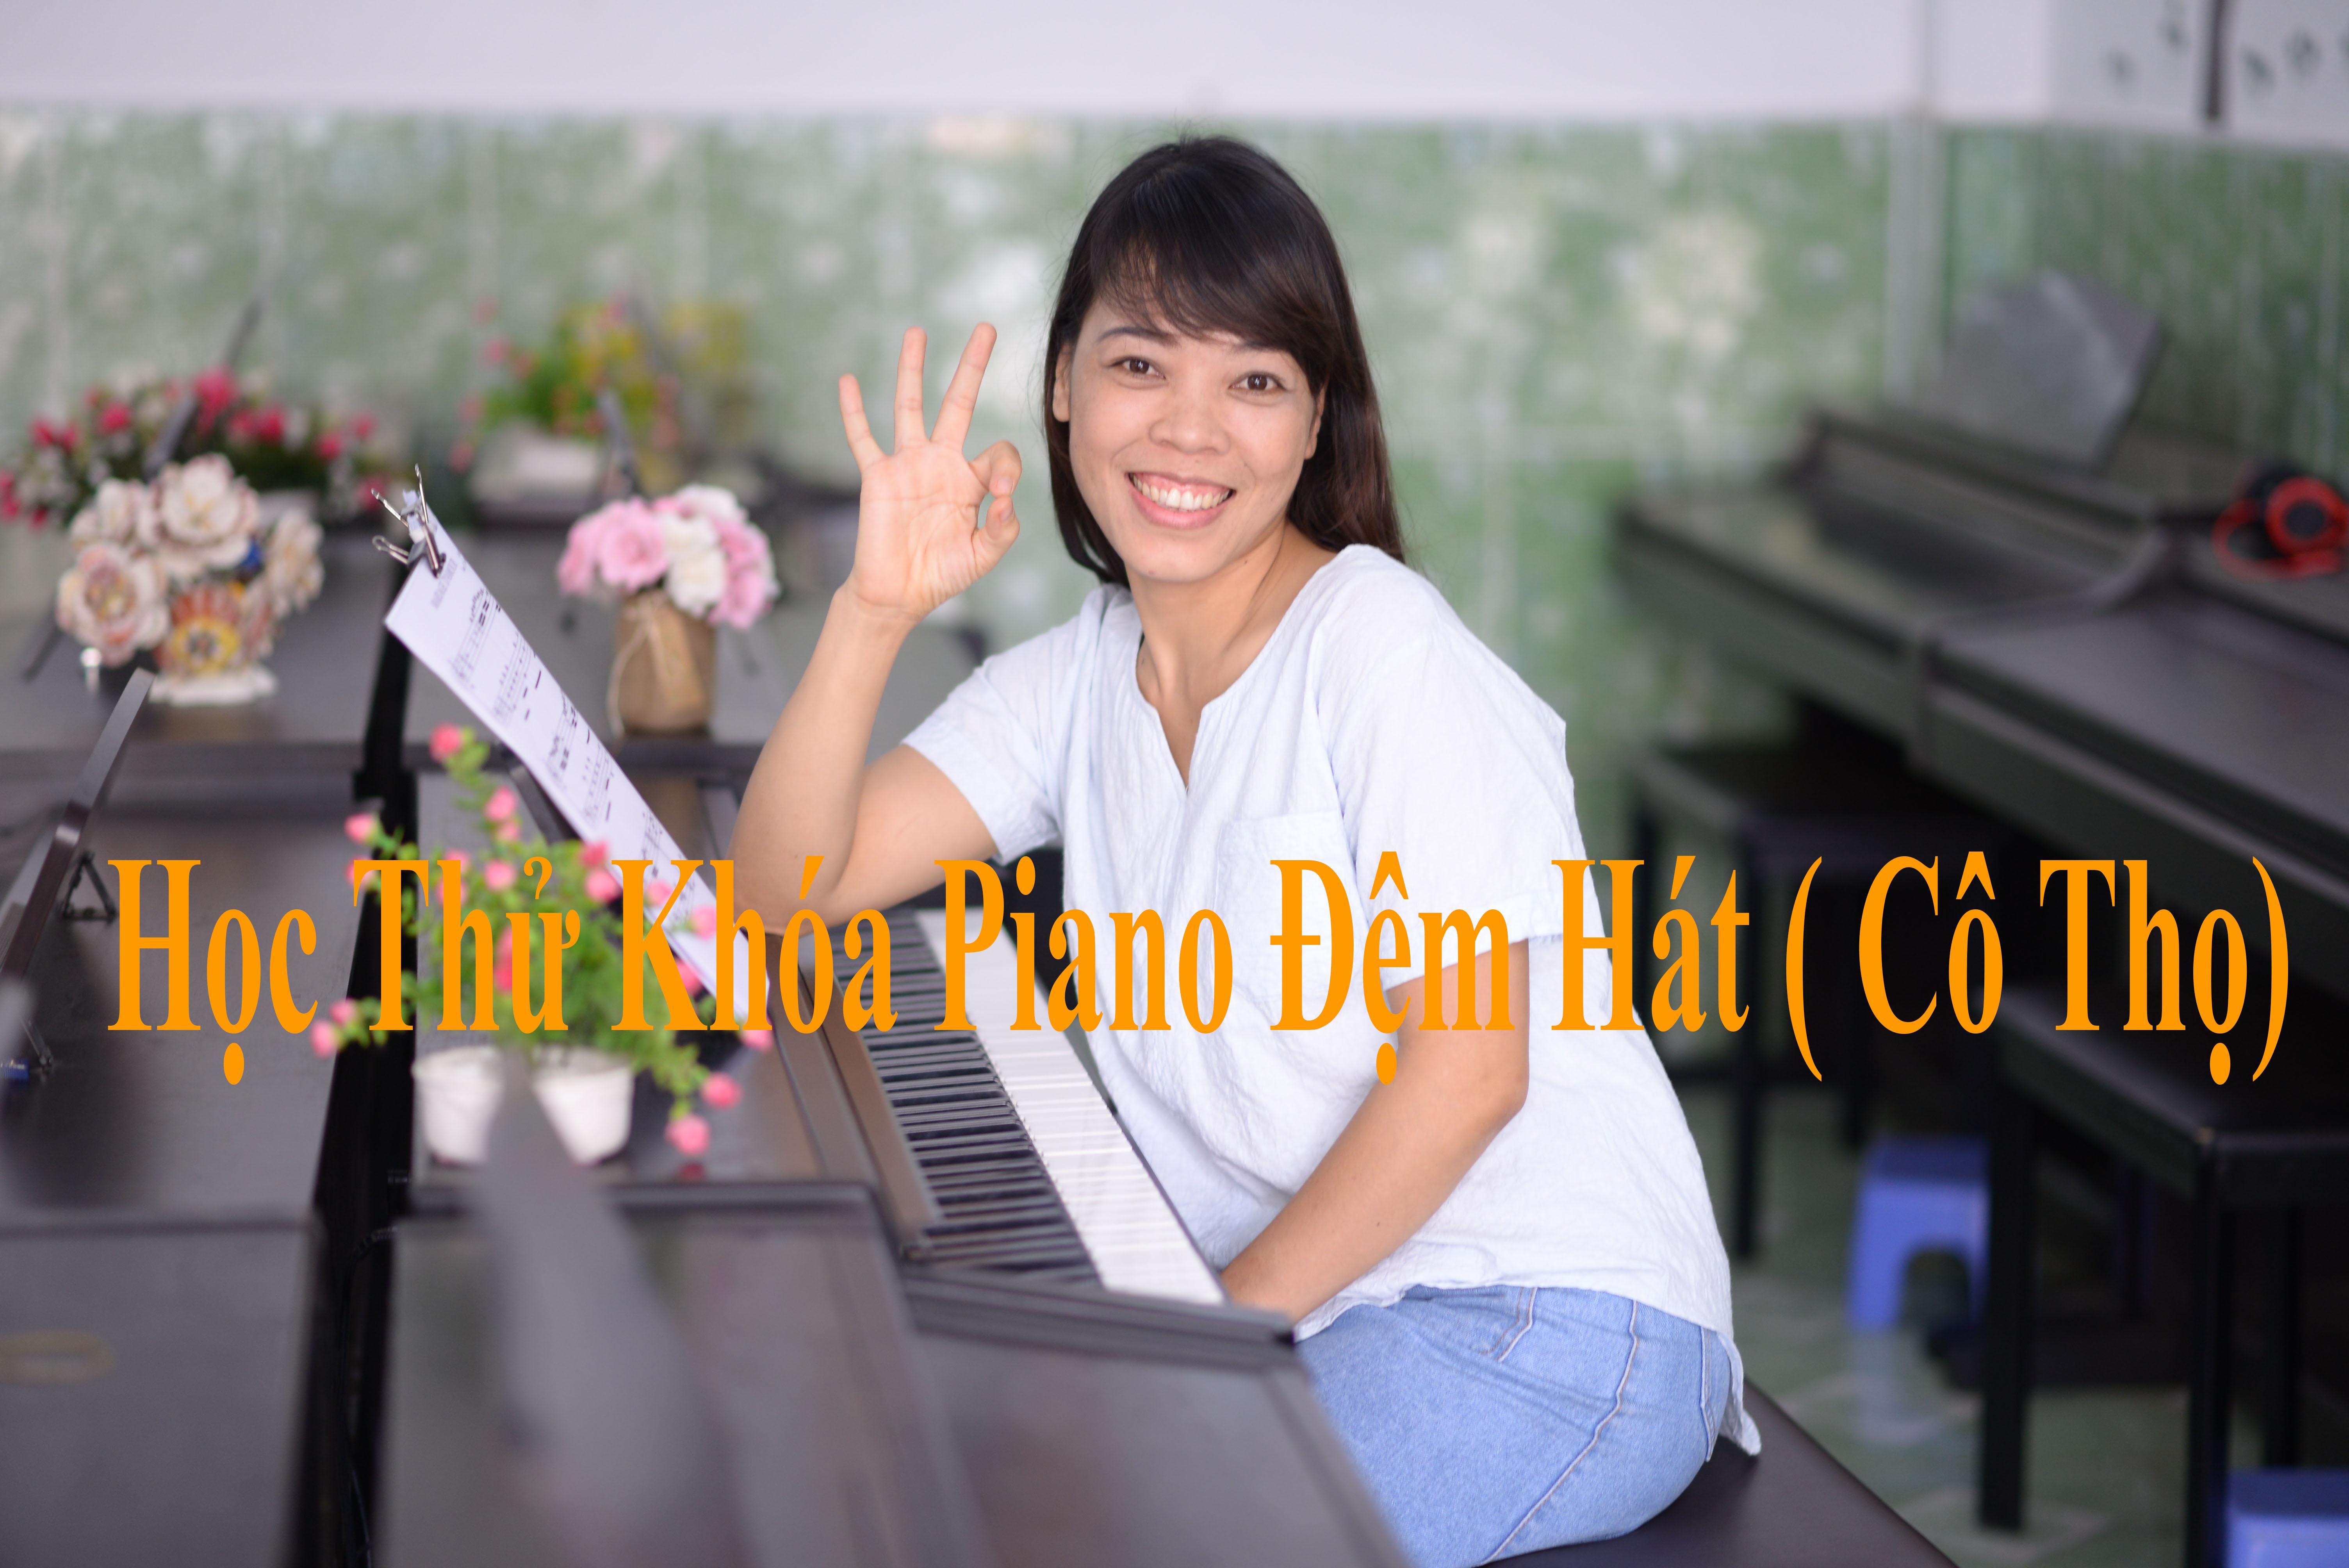 Học thử  Khóa Piano Đệm Hát